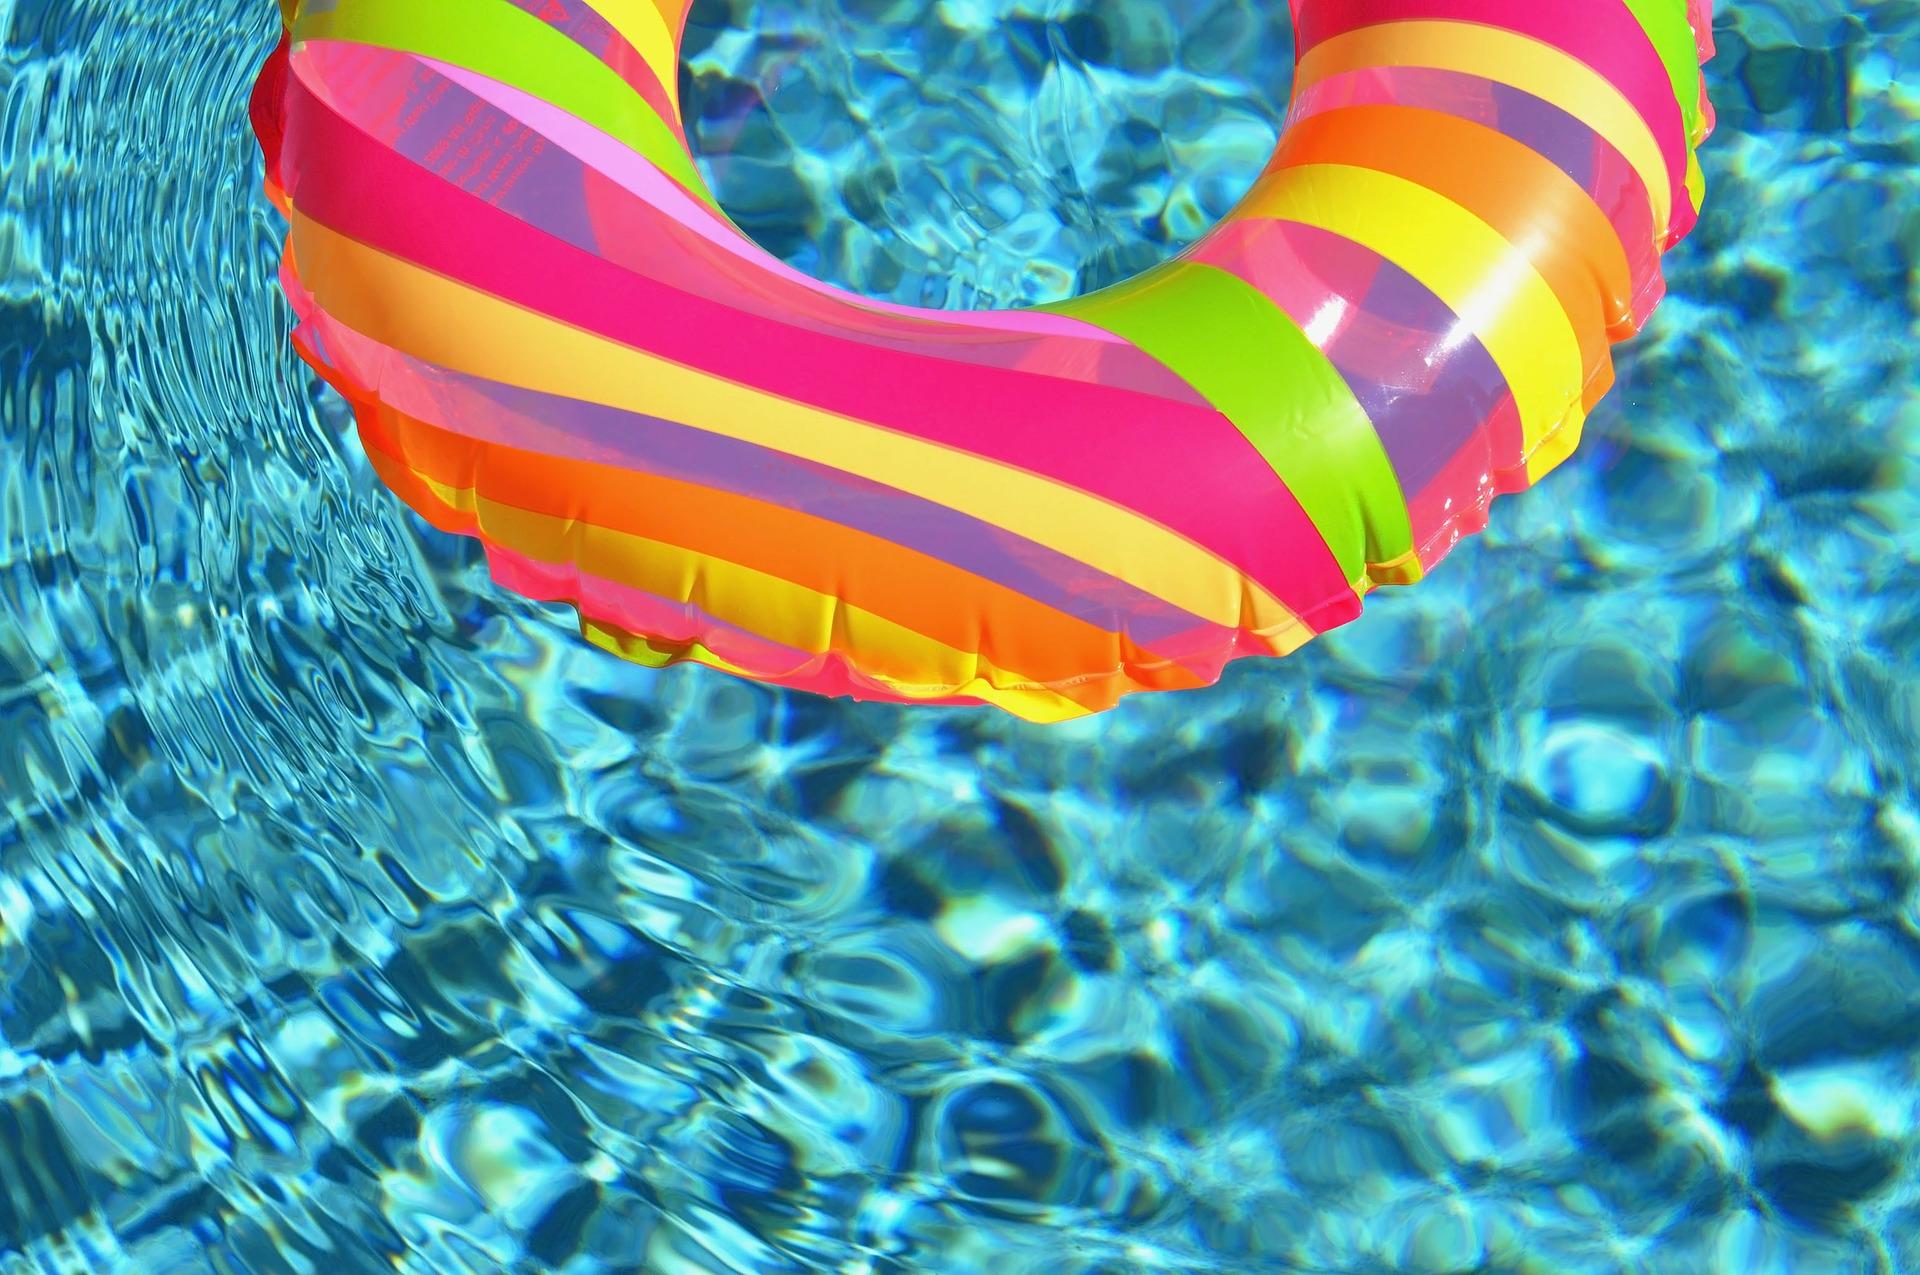 Piscine All Aperto Piemonte piscine all'aperto a torino per l'estate | thegiornale